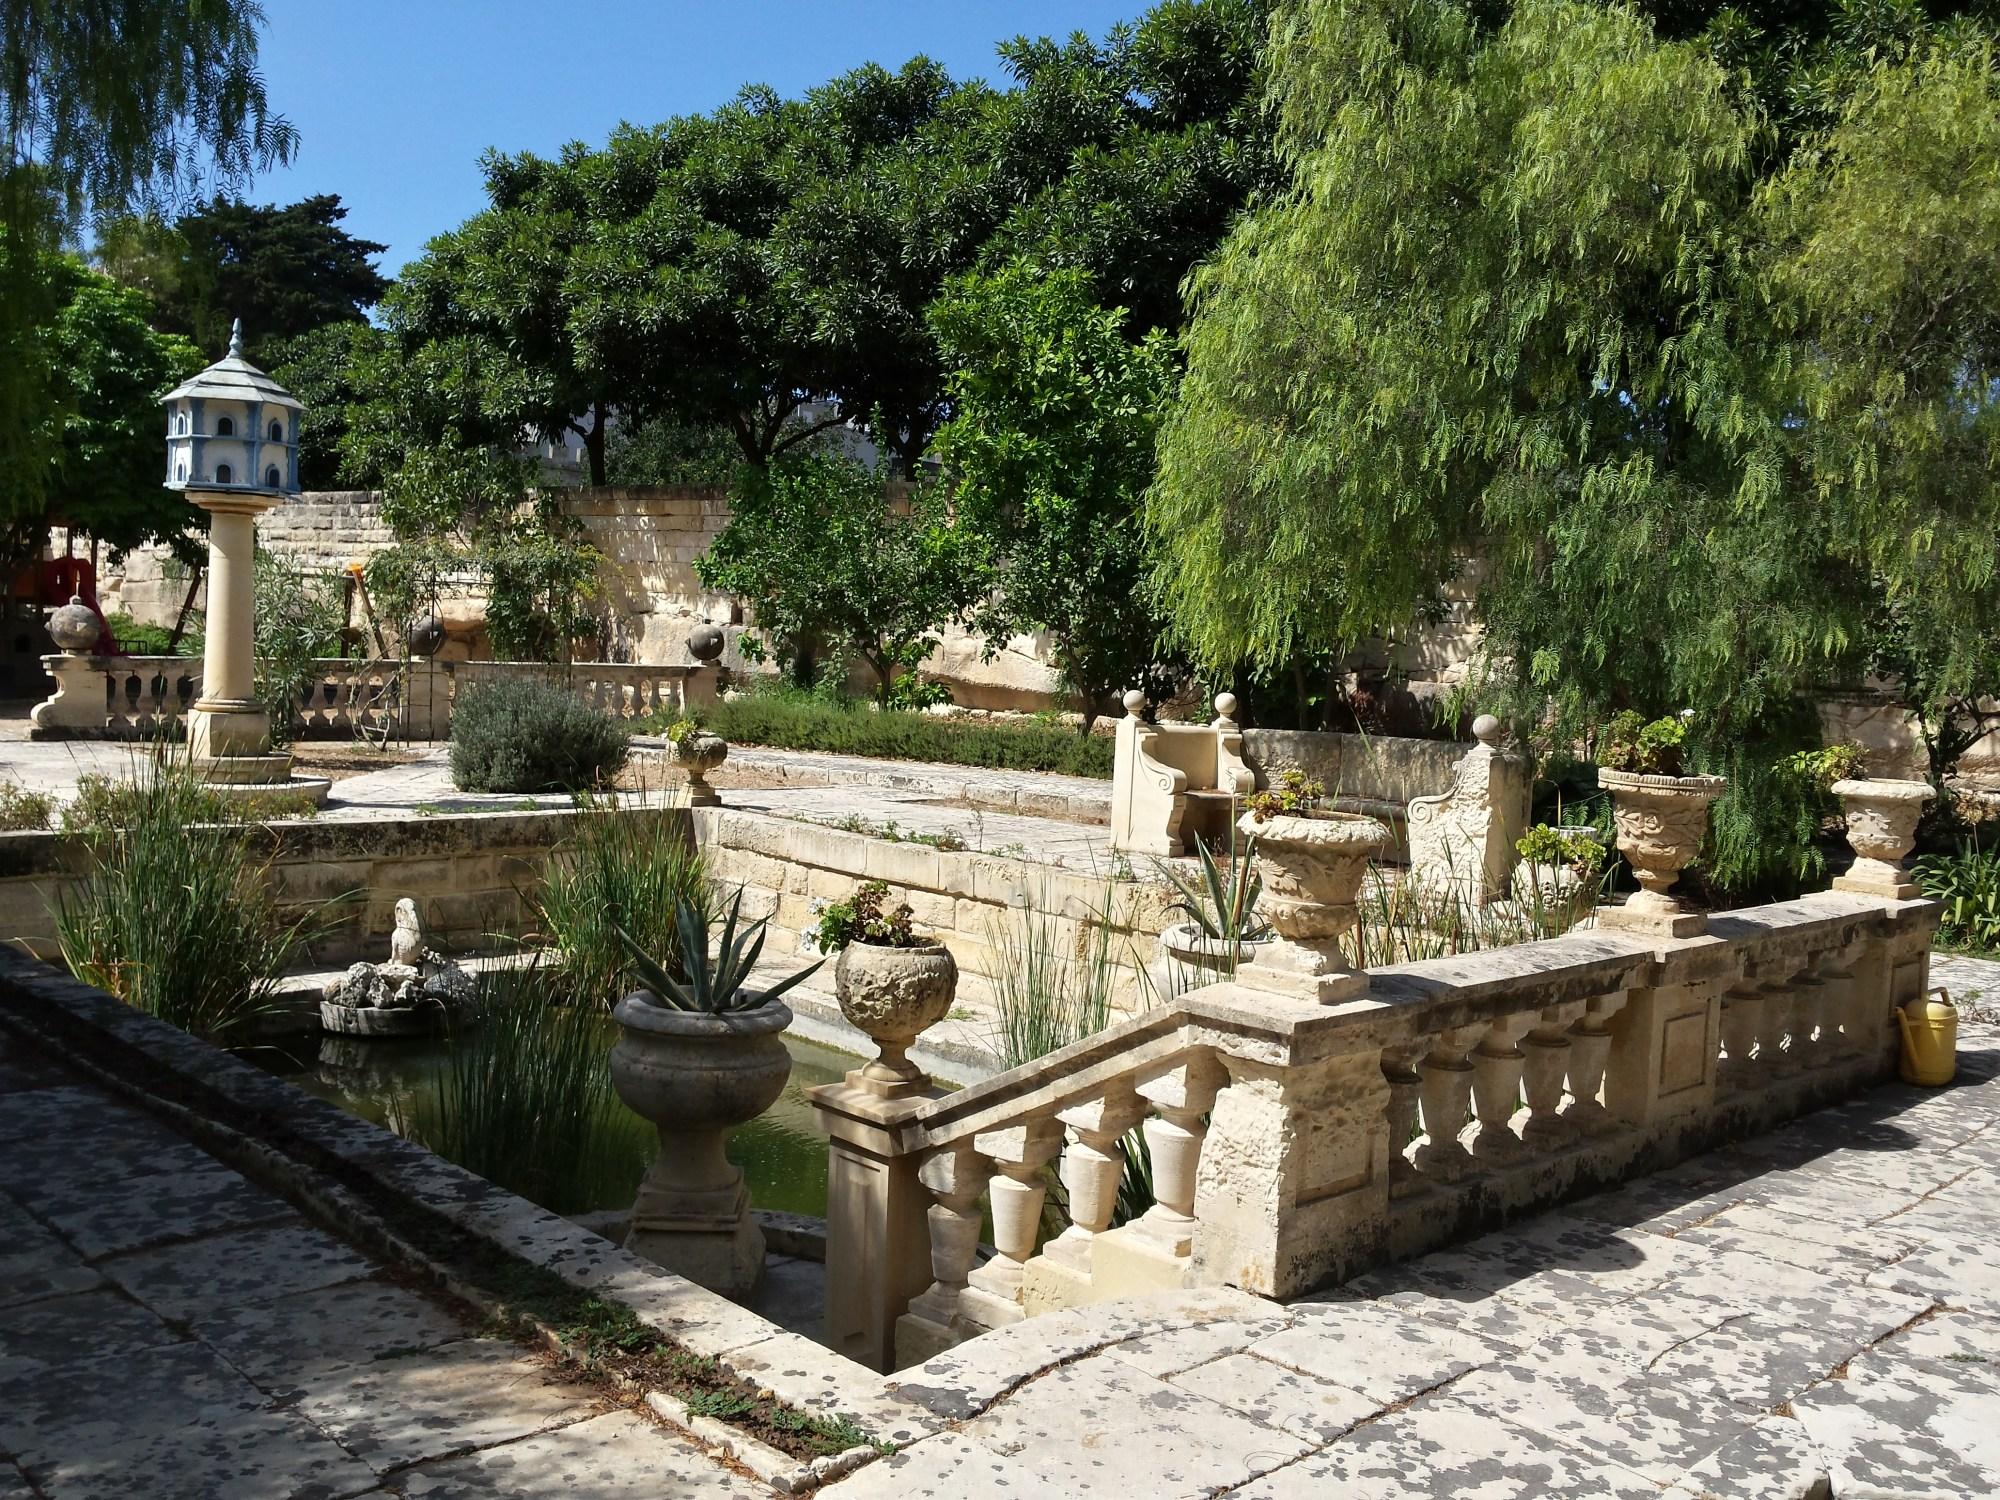 hight resolution of file sunken pond new garden villa bologna 08 9 2014 jpg